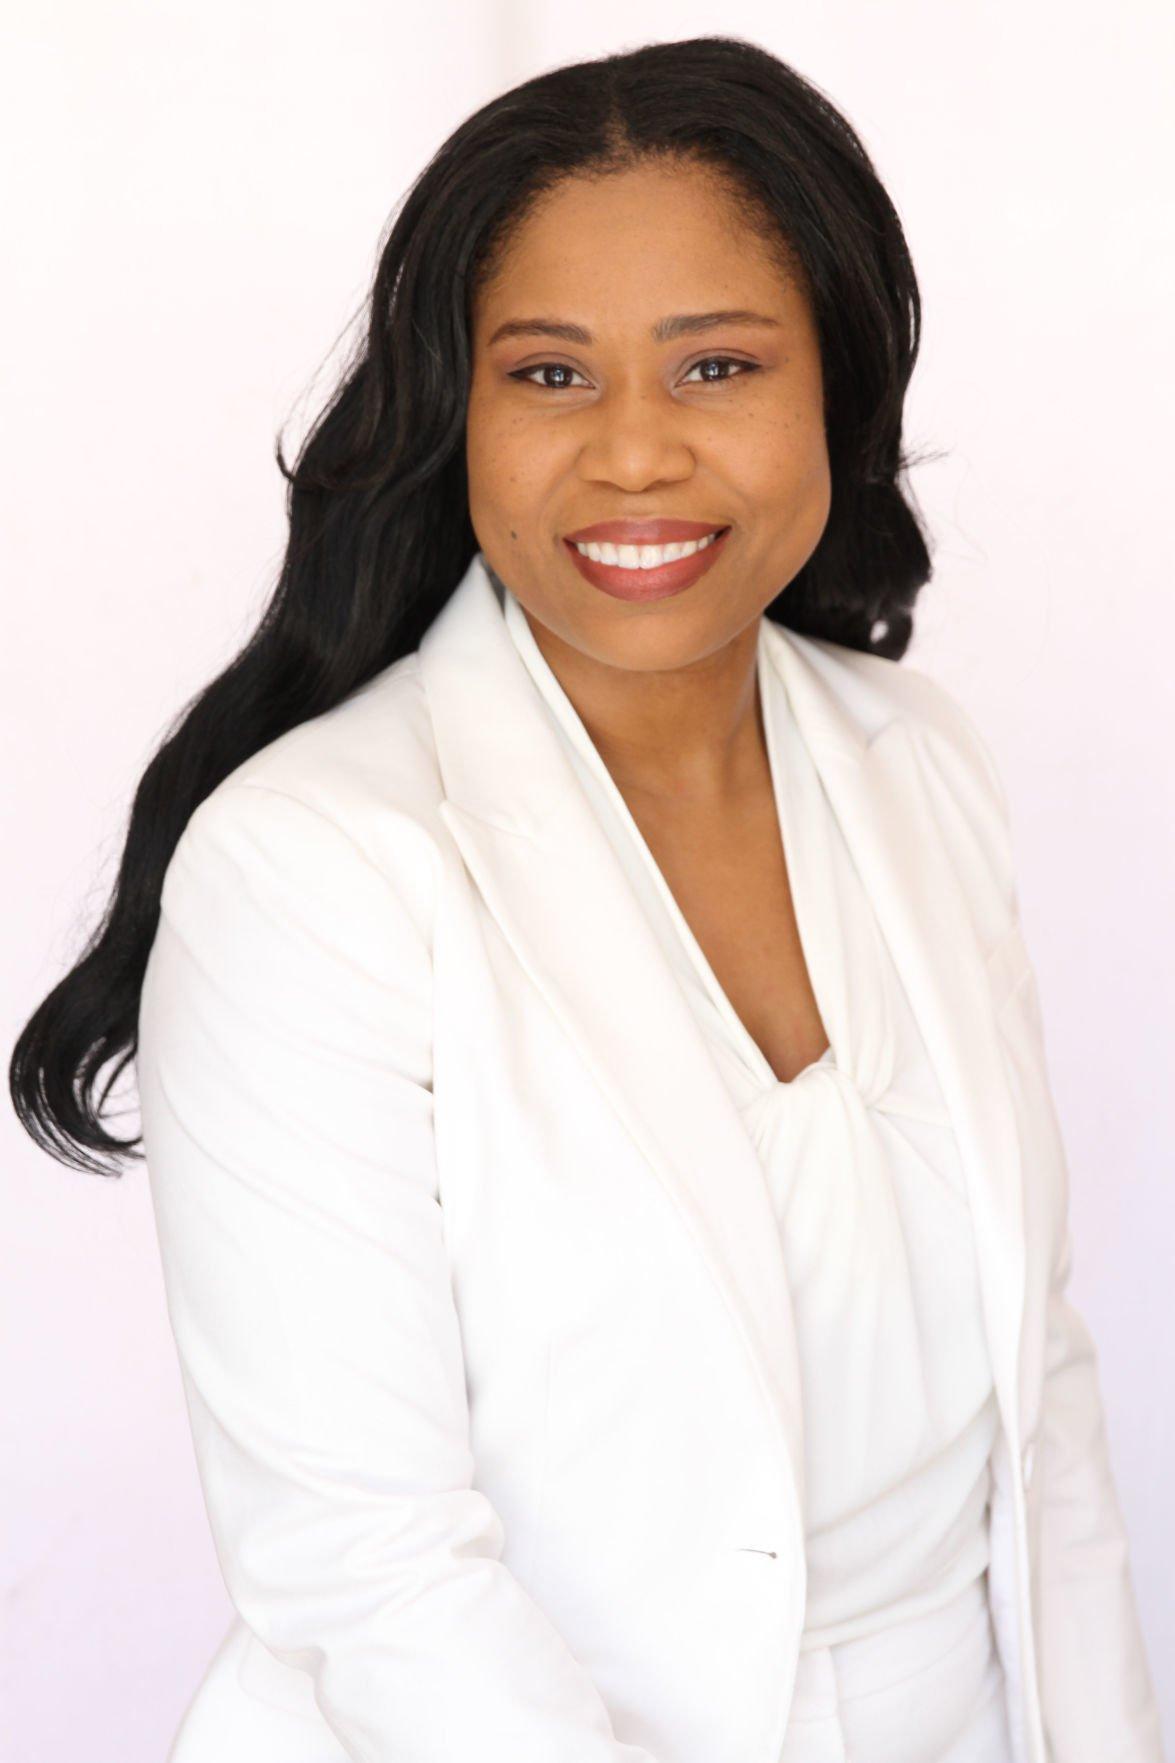 Dr. Anbec DeShield-Mayes